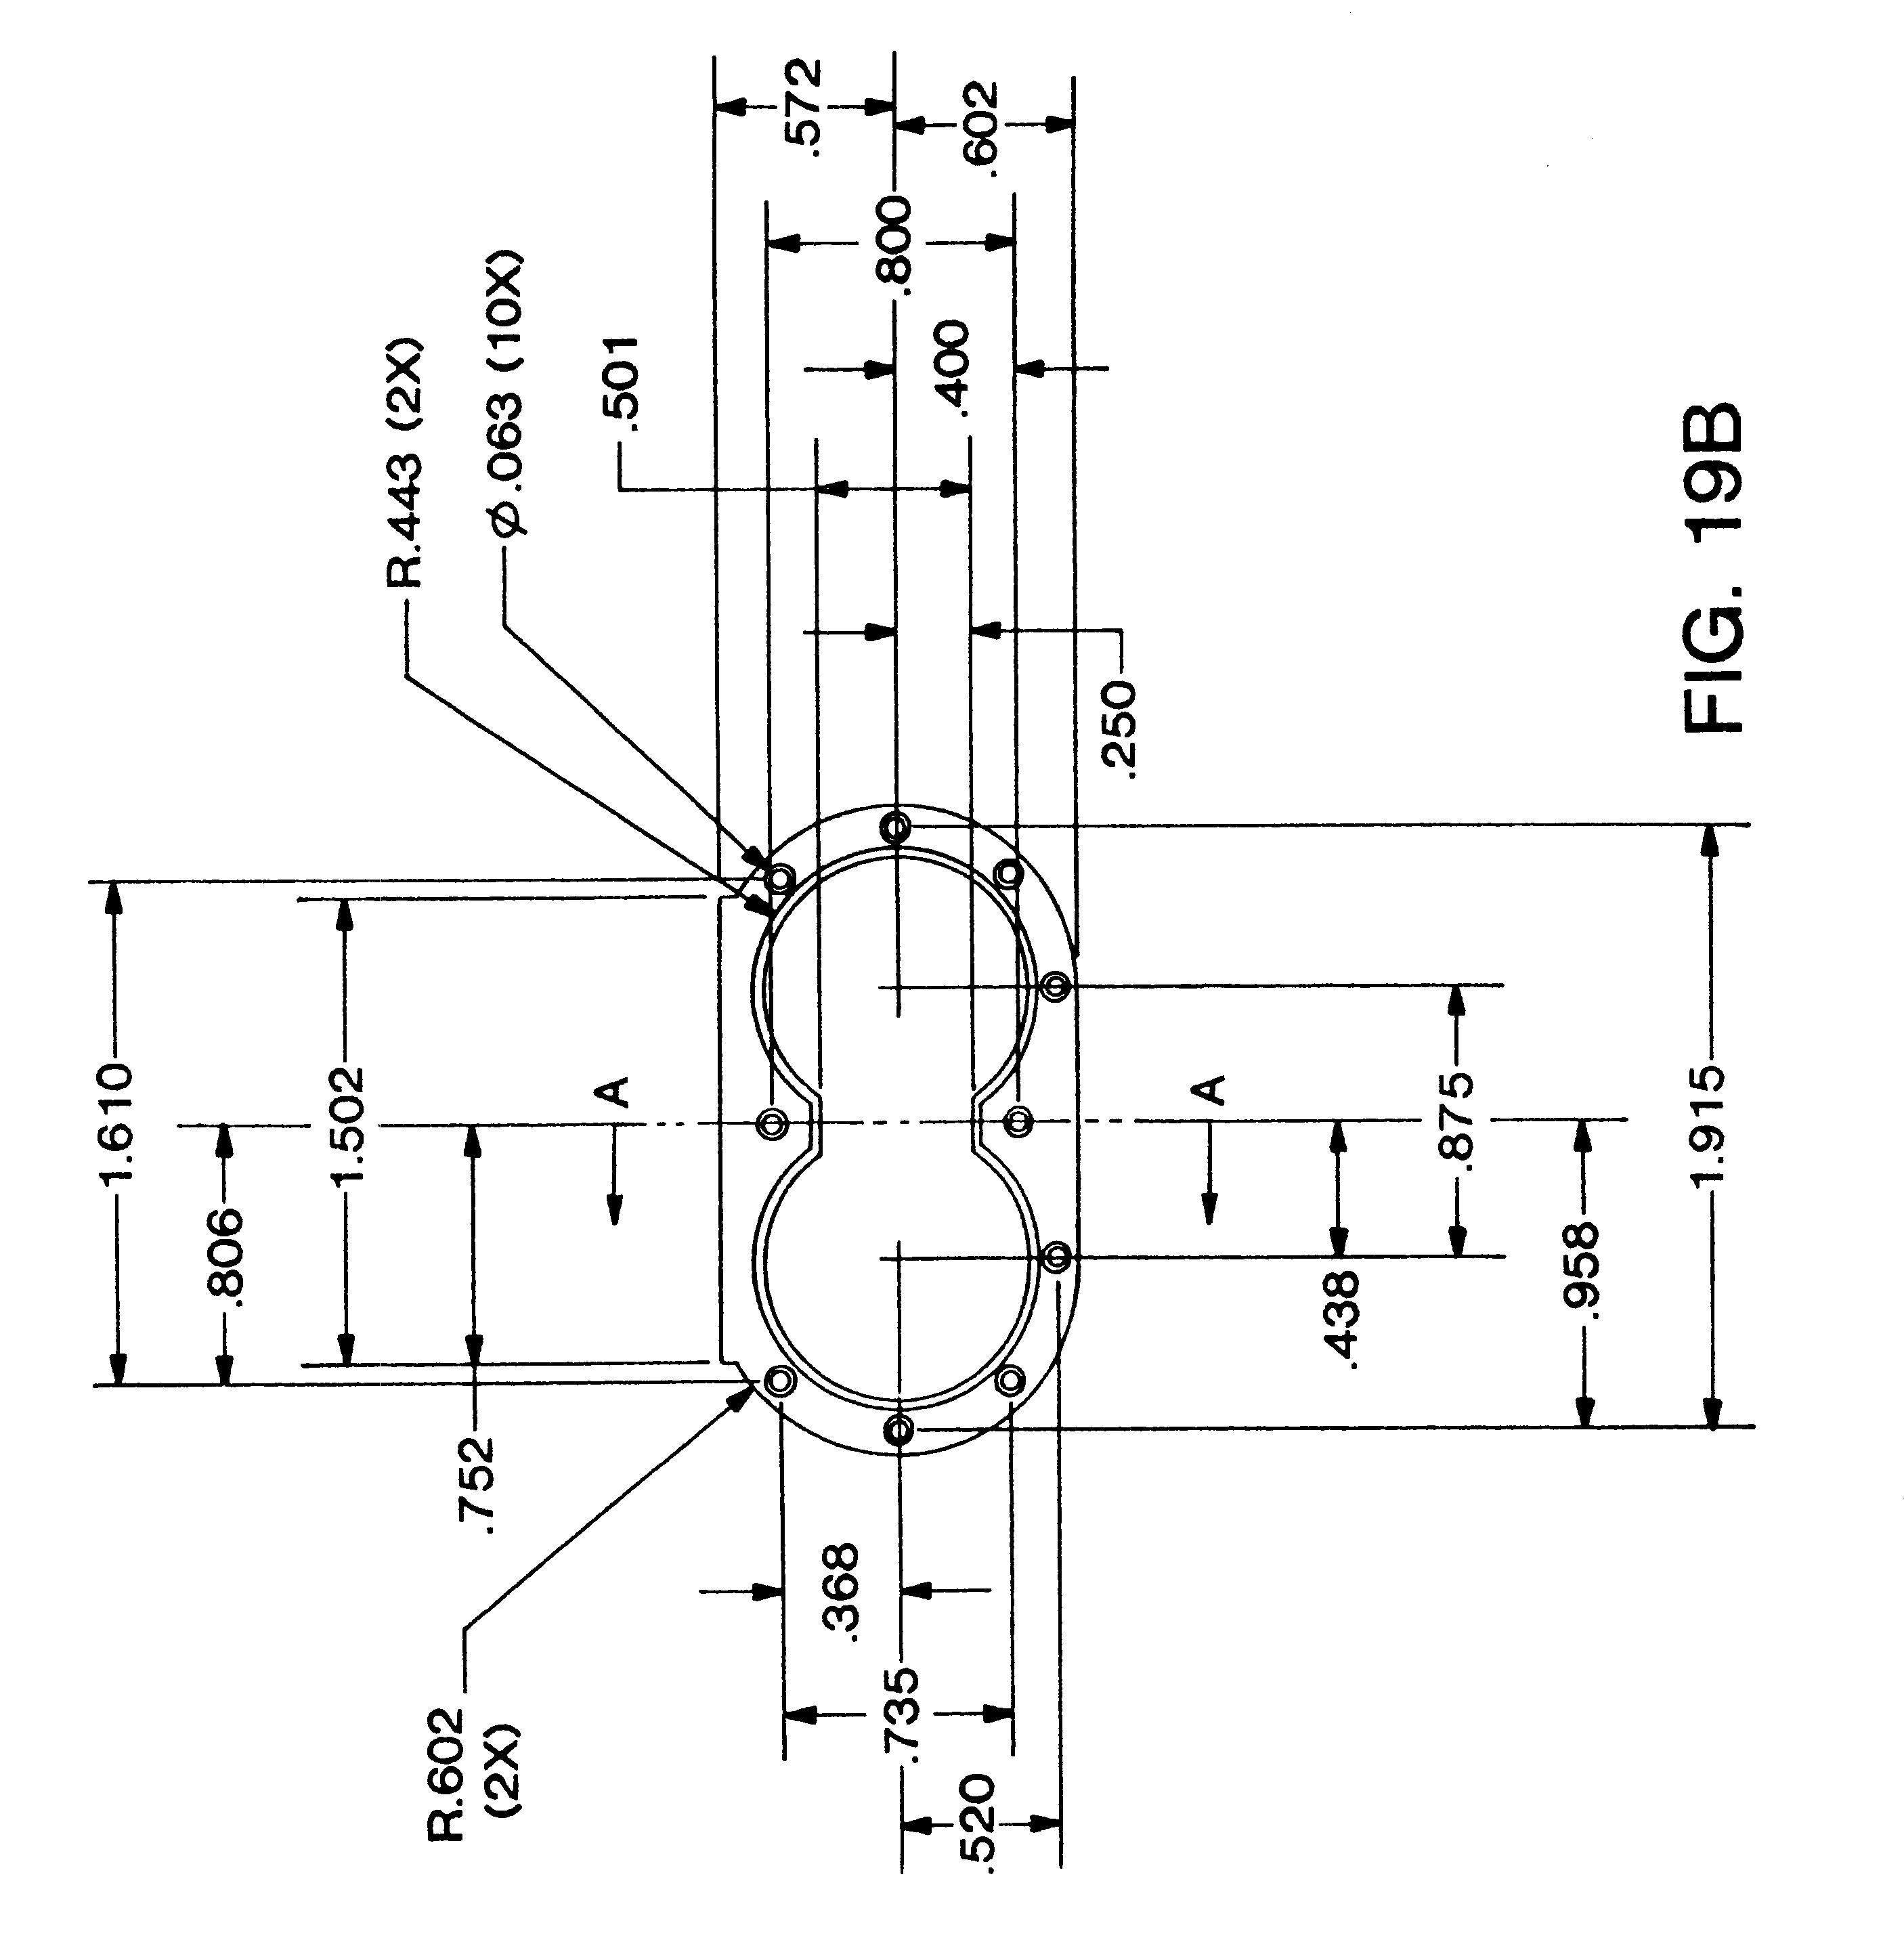 brevetto us6398562